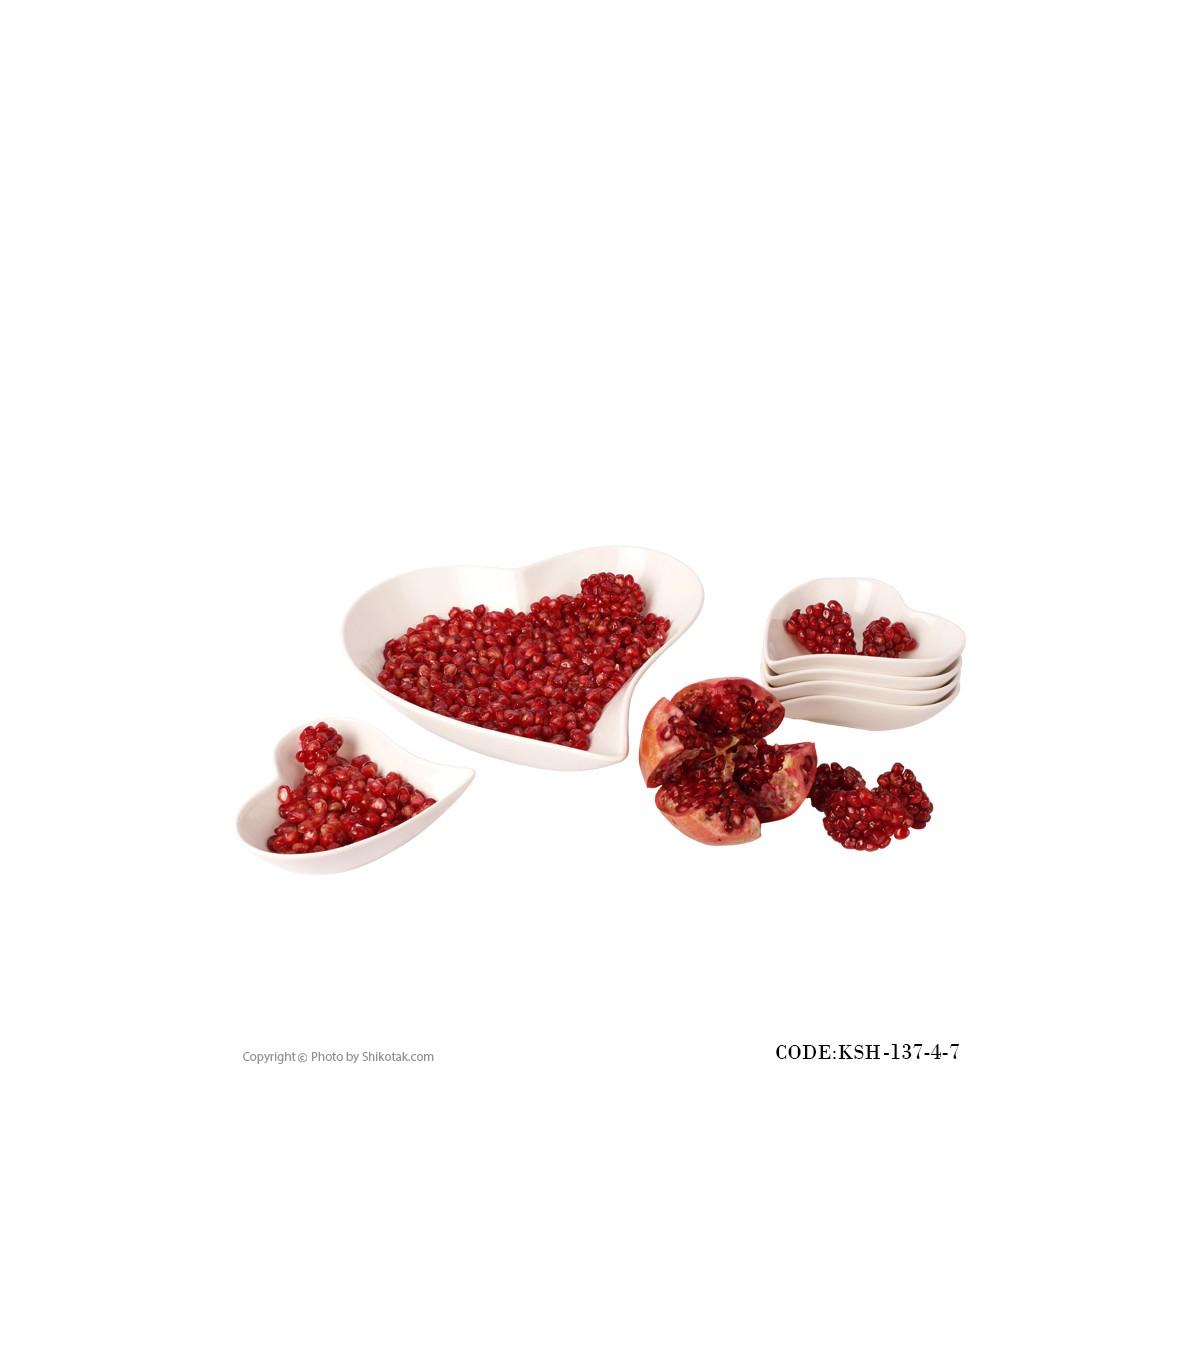 فروش آنلاین آجیل خوری طرح قلب مدل 137-4-7